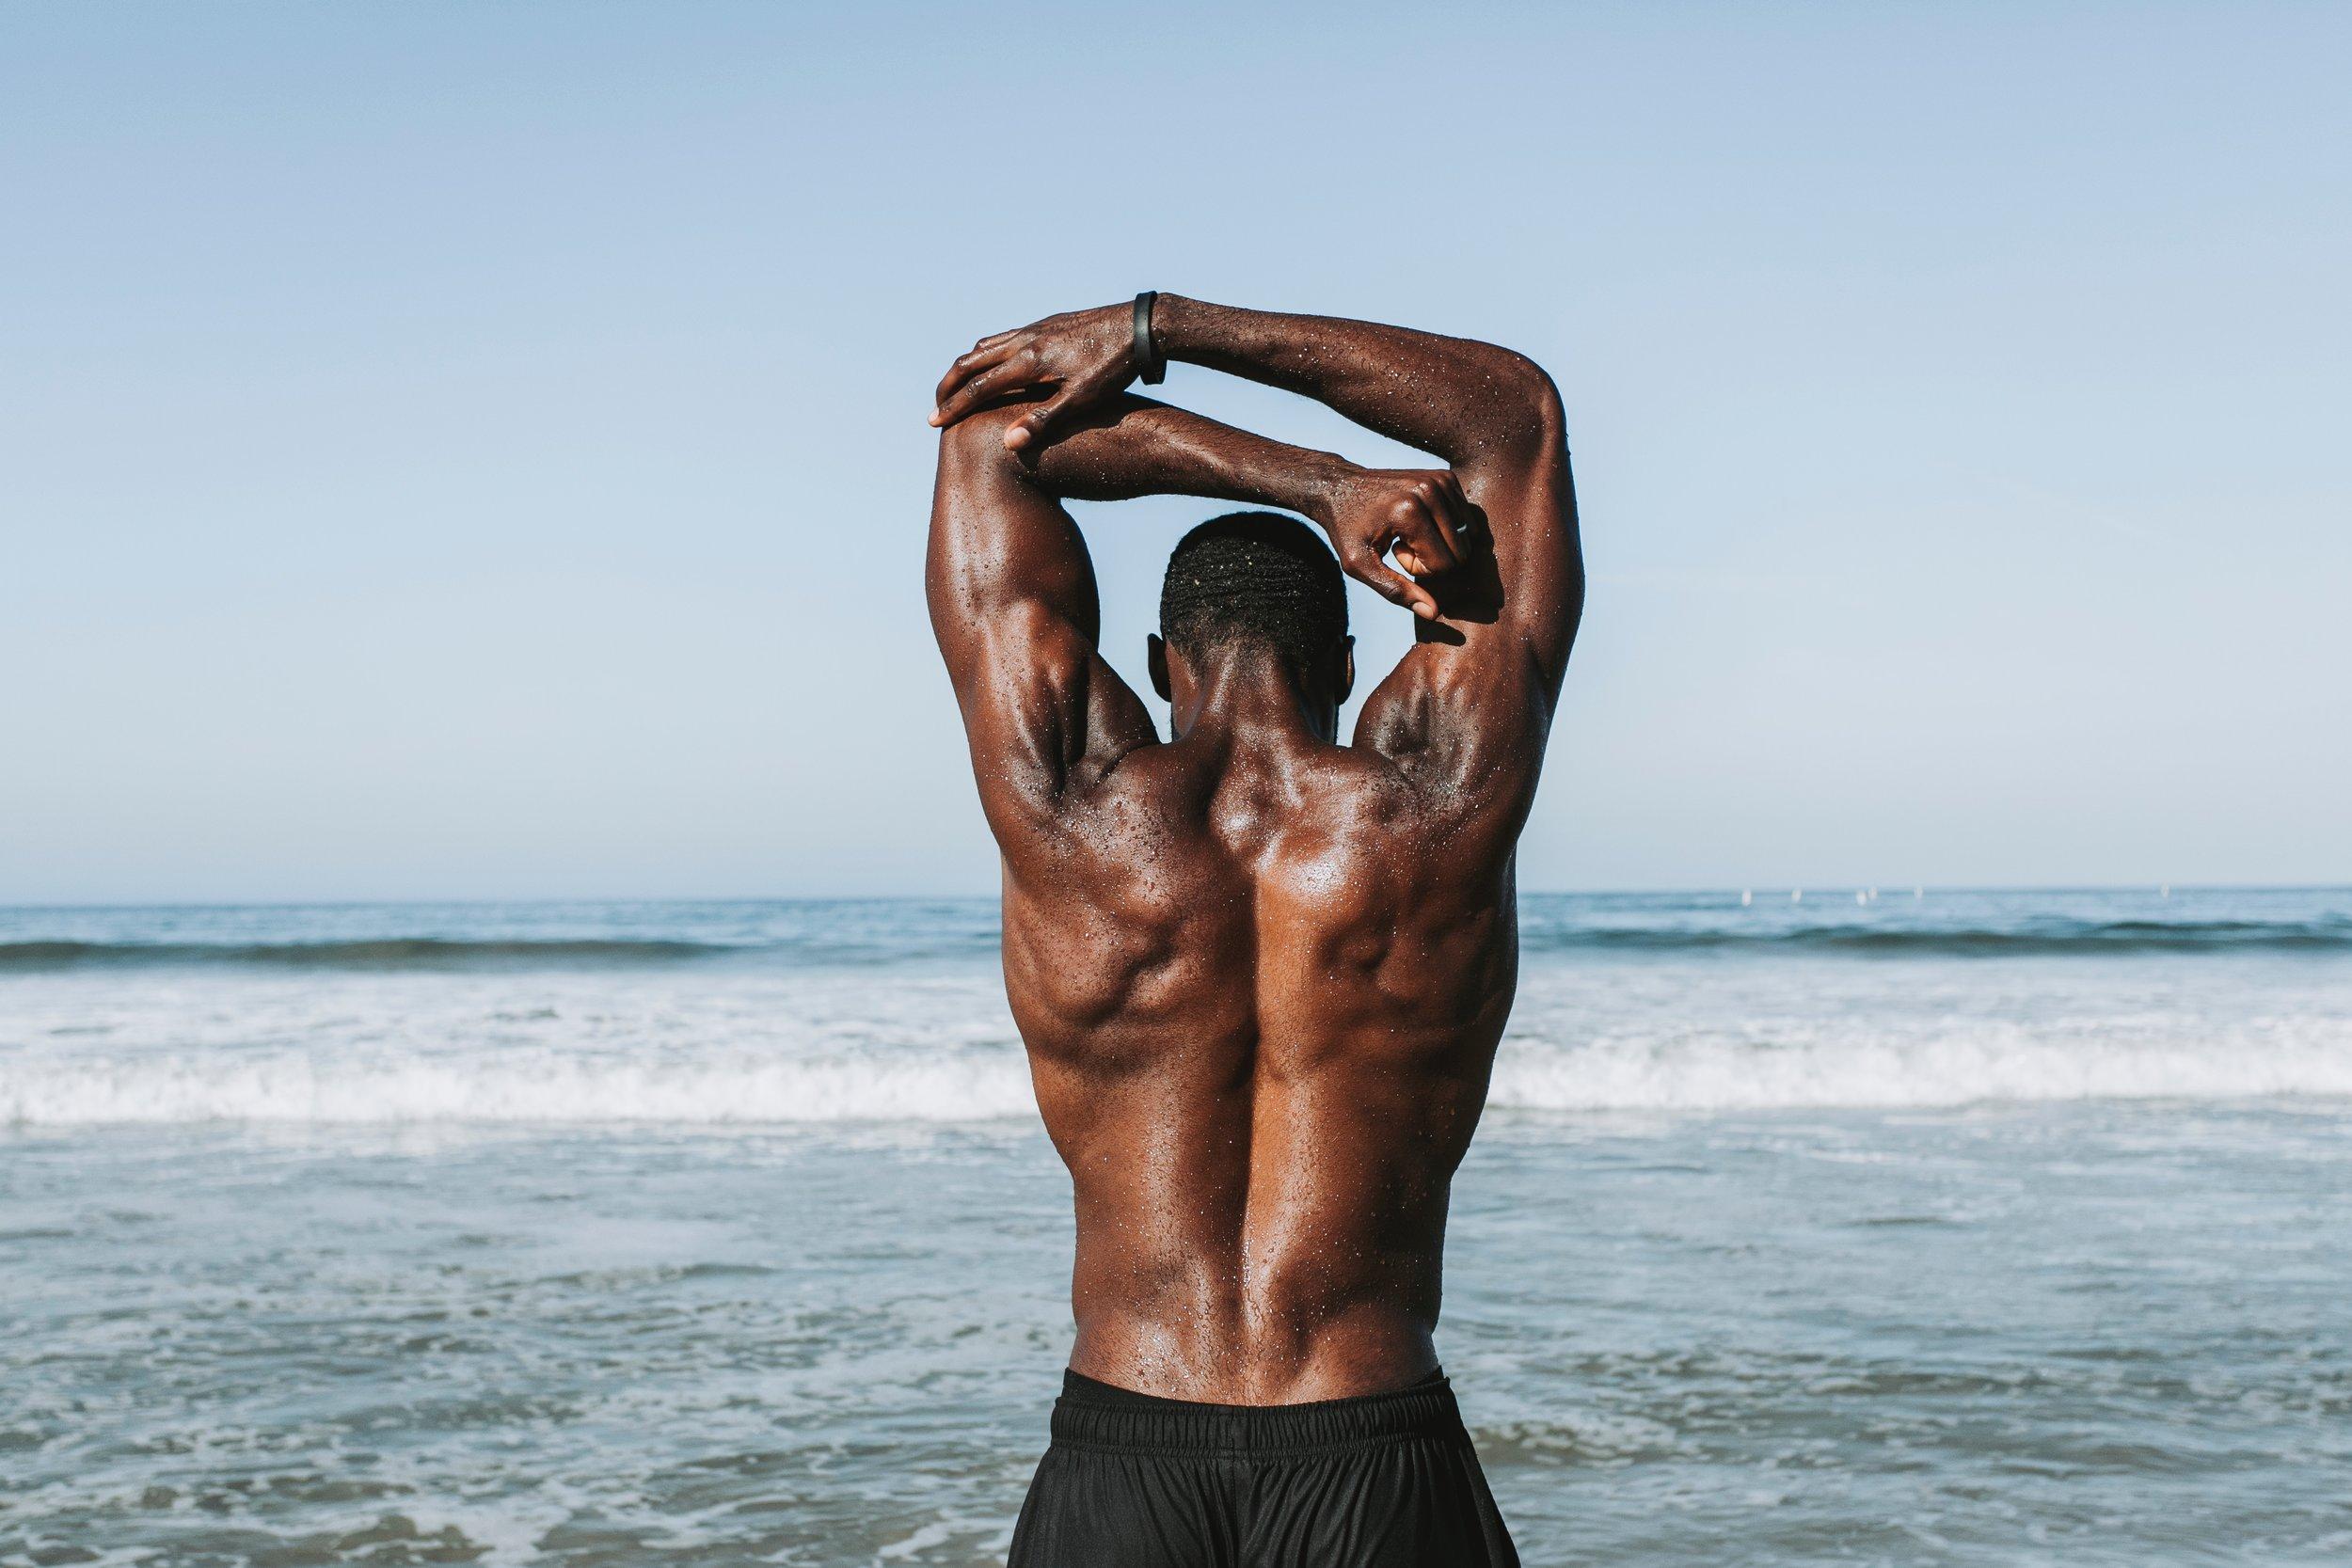 african-descent-athlete-back-1391419.jpg